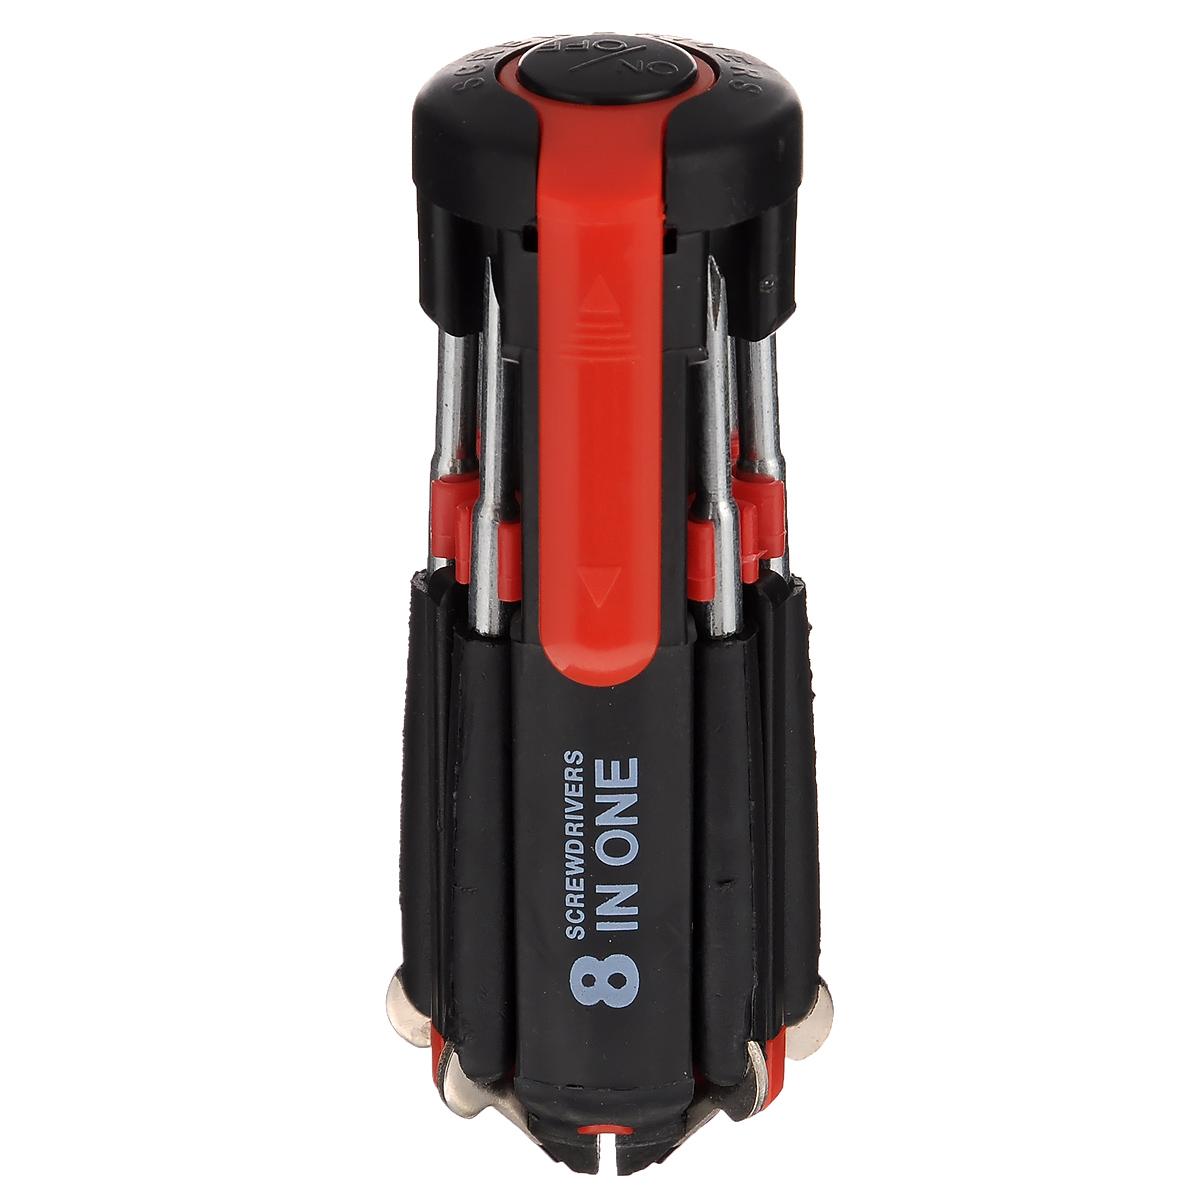 Набор отверток Bradex, с фонариком, 7 штTD 0277Набор Bradex, изготовленный из высококачественного ABS пластика и стали, содержит 7 отверток. Изделие также оснащено мощным фонариком и идеально подходит для работы в плохо освещенных труднодоступных местах. Набор удобно лежит в руке и прикрепляется к одежде или карману сумки при помощи клипсы. Набор незаменим для ремонта, похода и путешествий, и прослужит вам долгие годы. Общая длина инструмента: 12,5 см. Диаметр инструмента: 4,5 см. Длина отвертки: 9 см. Фонарик работает от 3 батареек типа AAA (в комплект не входят).